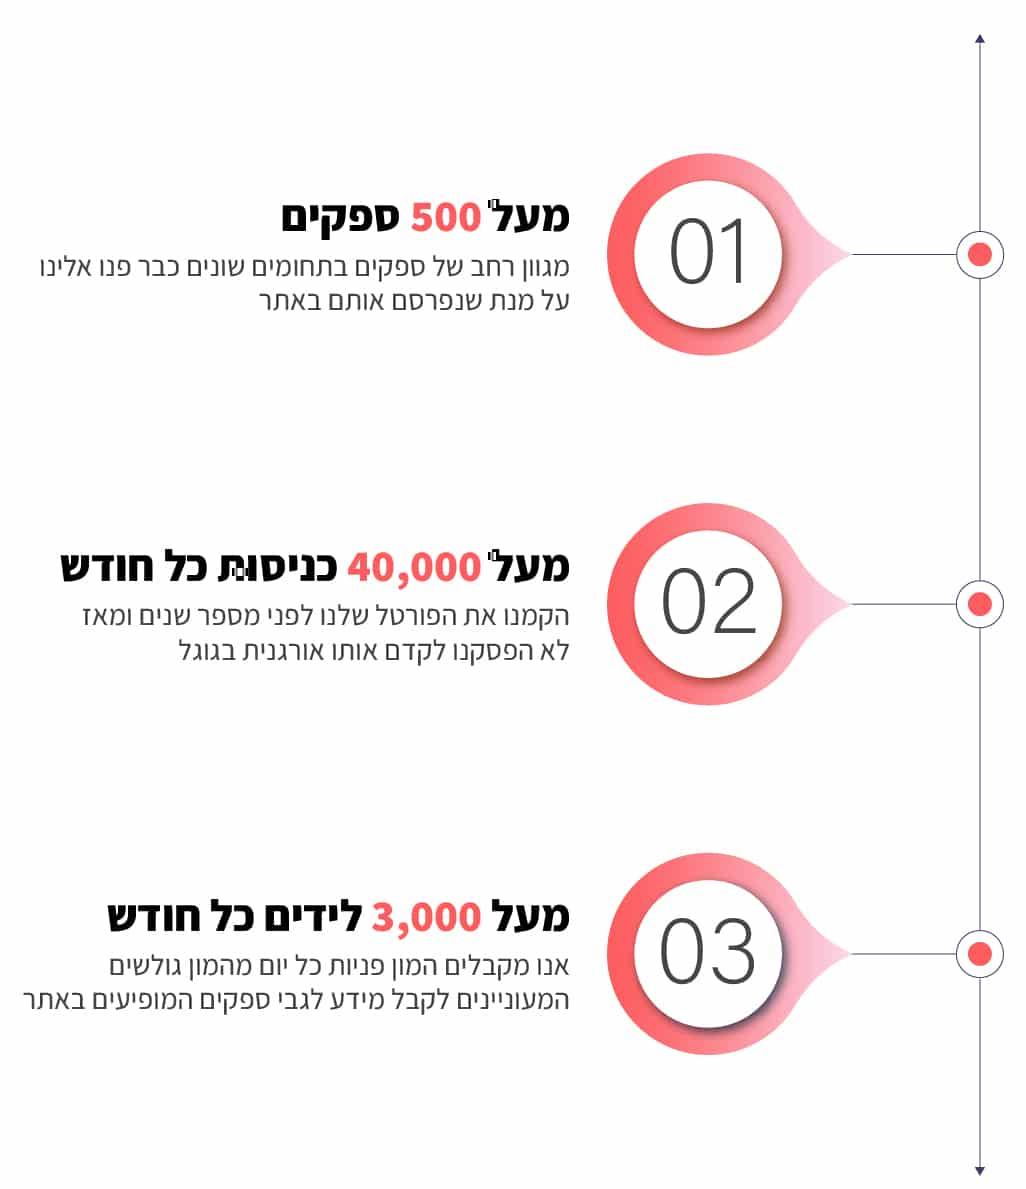 טיפוגרפיה פרסום בפורטל סייב א דייט